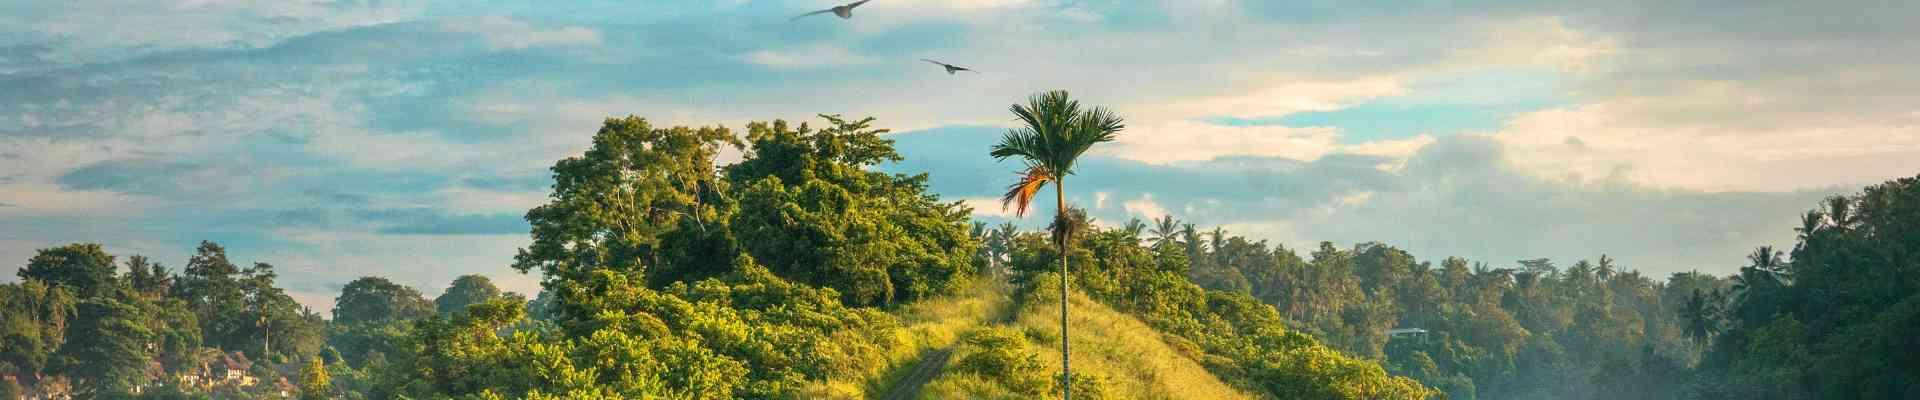 zdjęcie wyróżniające dla kategorii Podróże WorldMaster